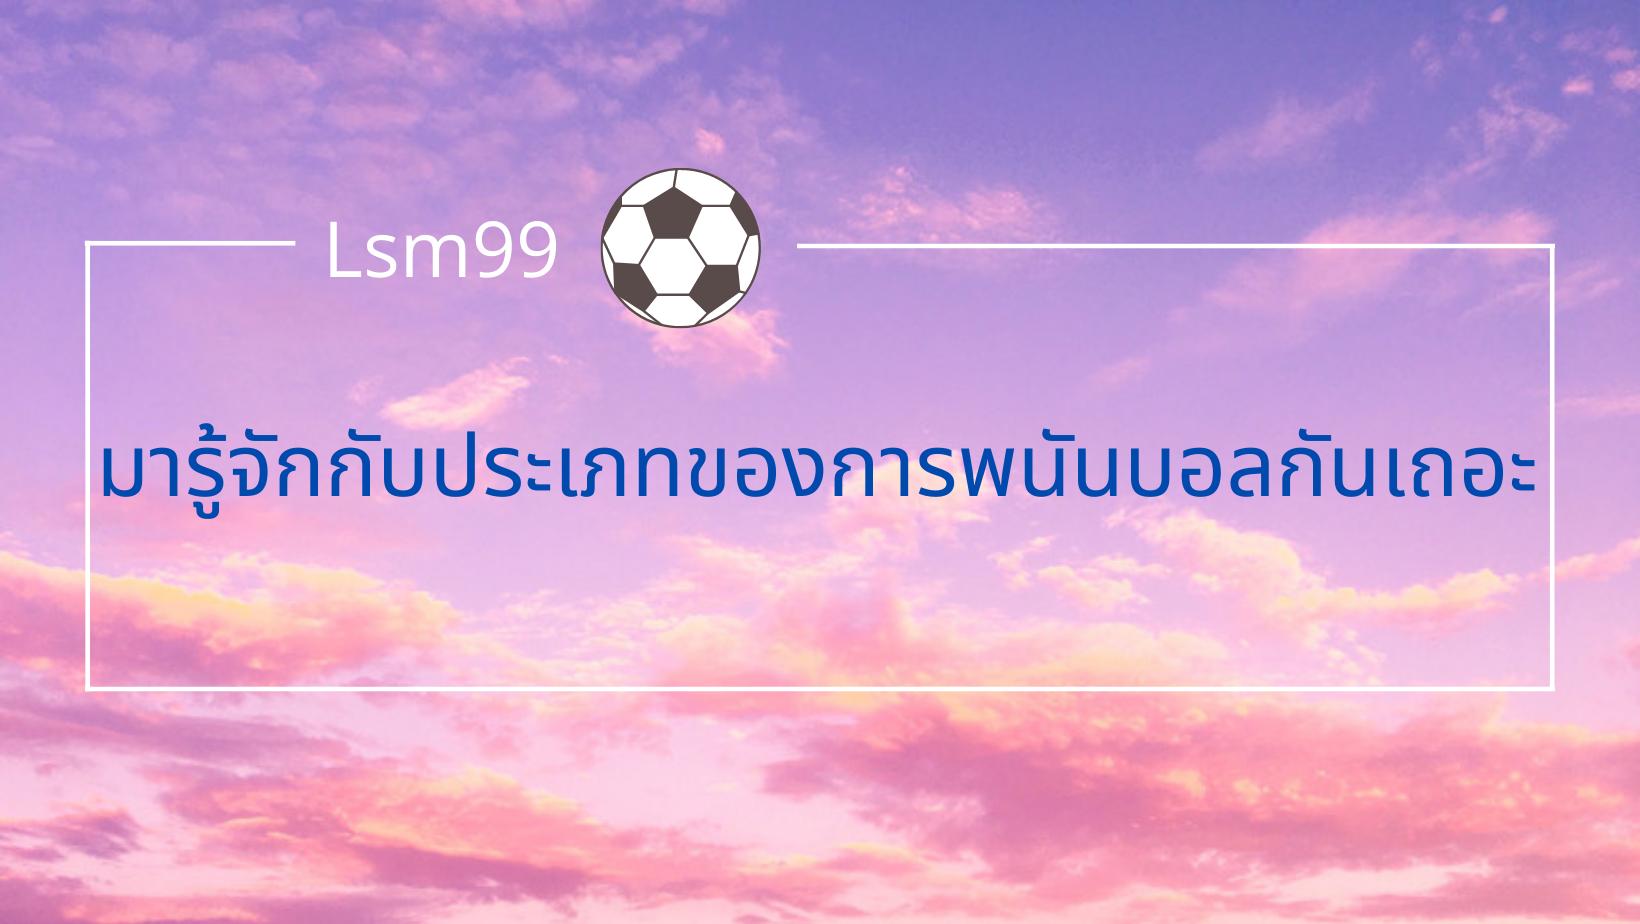 ประเภทพนันบอลlsm99